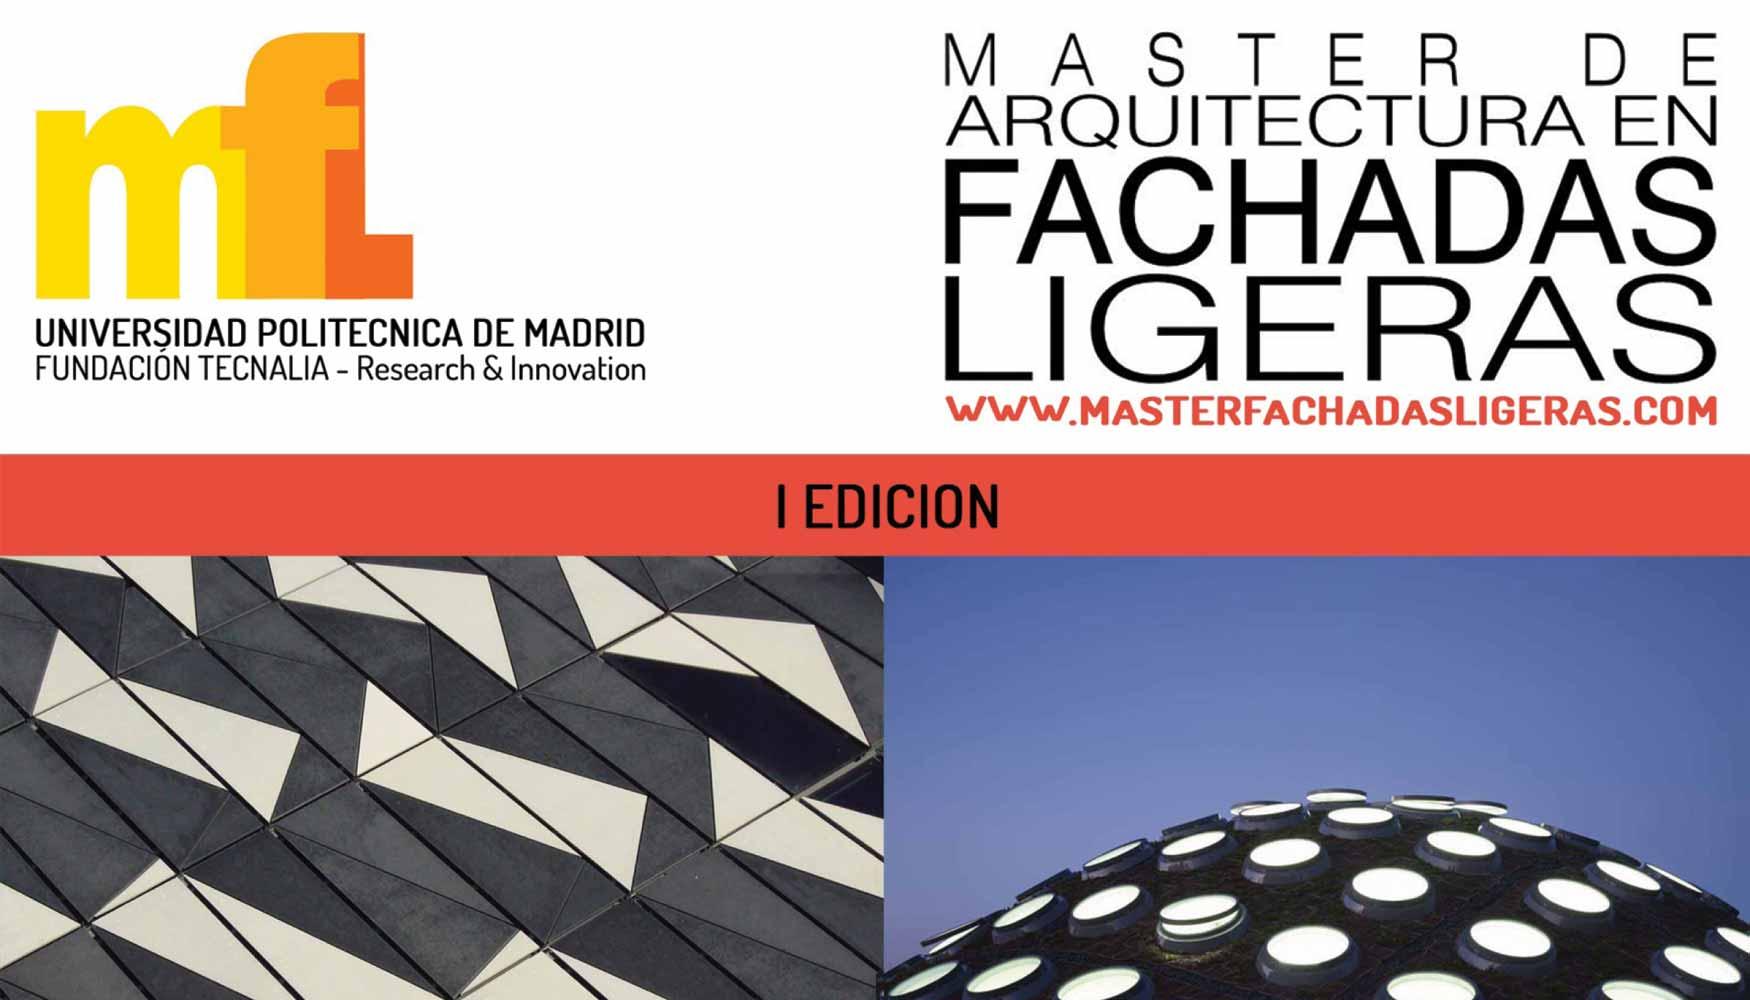 La universidad polit cnica de madrid organiza un nuevo for Universidades de arquitectura en espana